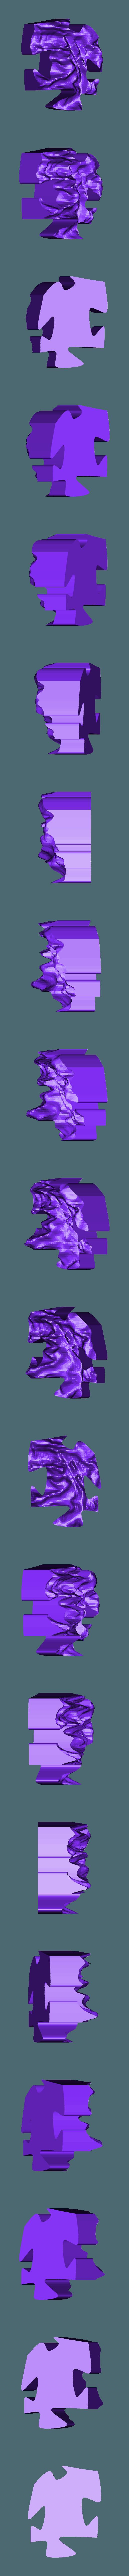 21.stl Télécharger fichier STL gratuit Echelle épique - Terrain - Zion NP • Objet à imprimer en 3D, TCP491016